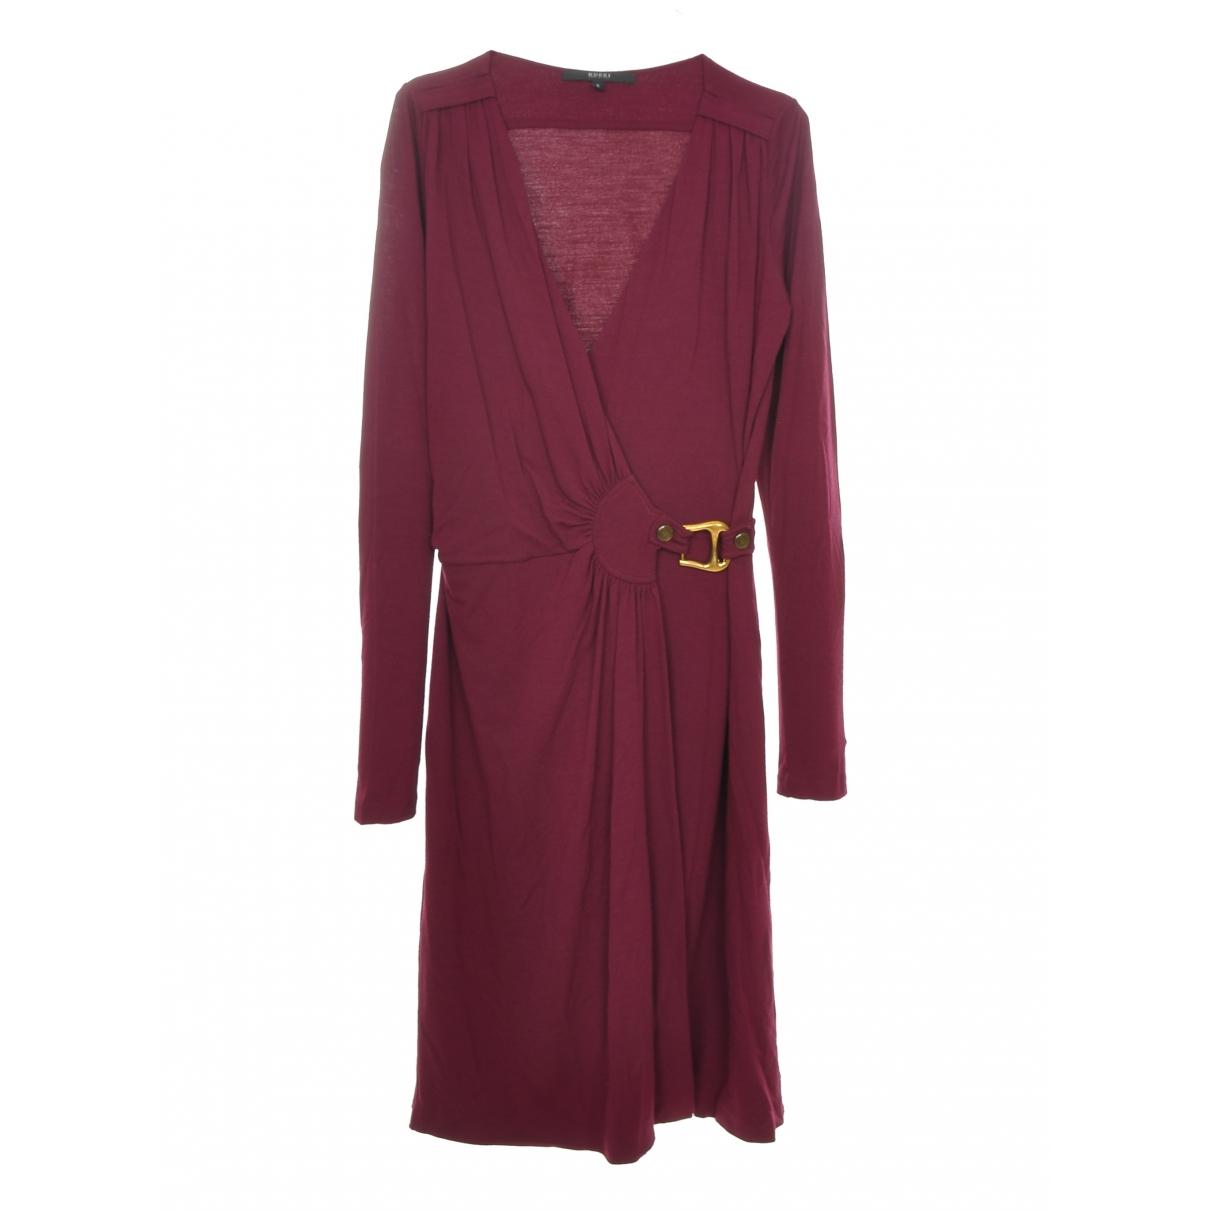 Gucci \N Kleid in  Bordeauxrot Viskose